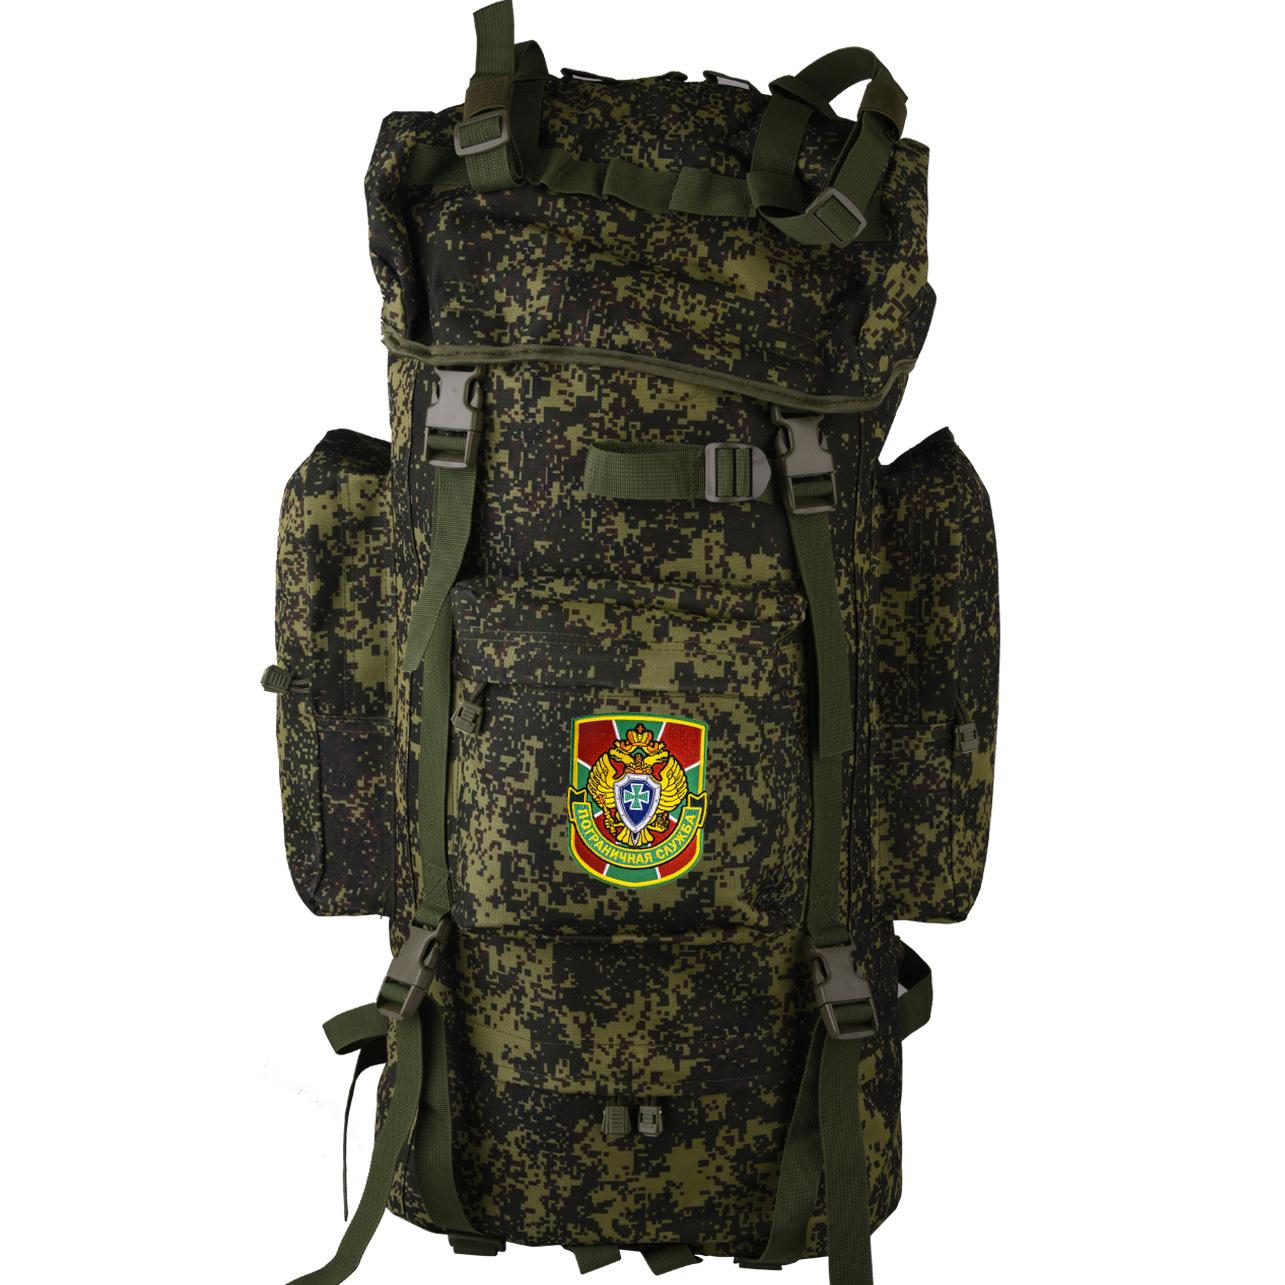 Камуфляжный рейдовый рюкзак с нашивкой Пограничная служба - купить в розницу